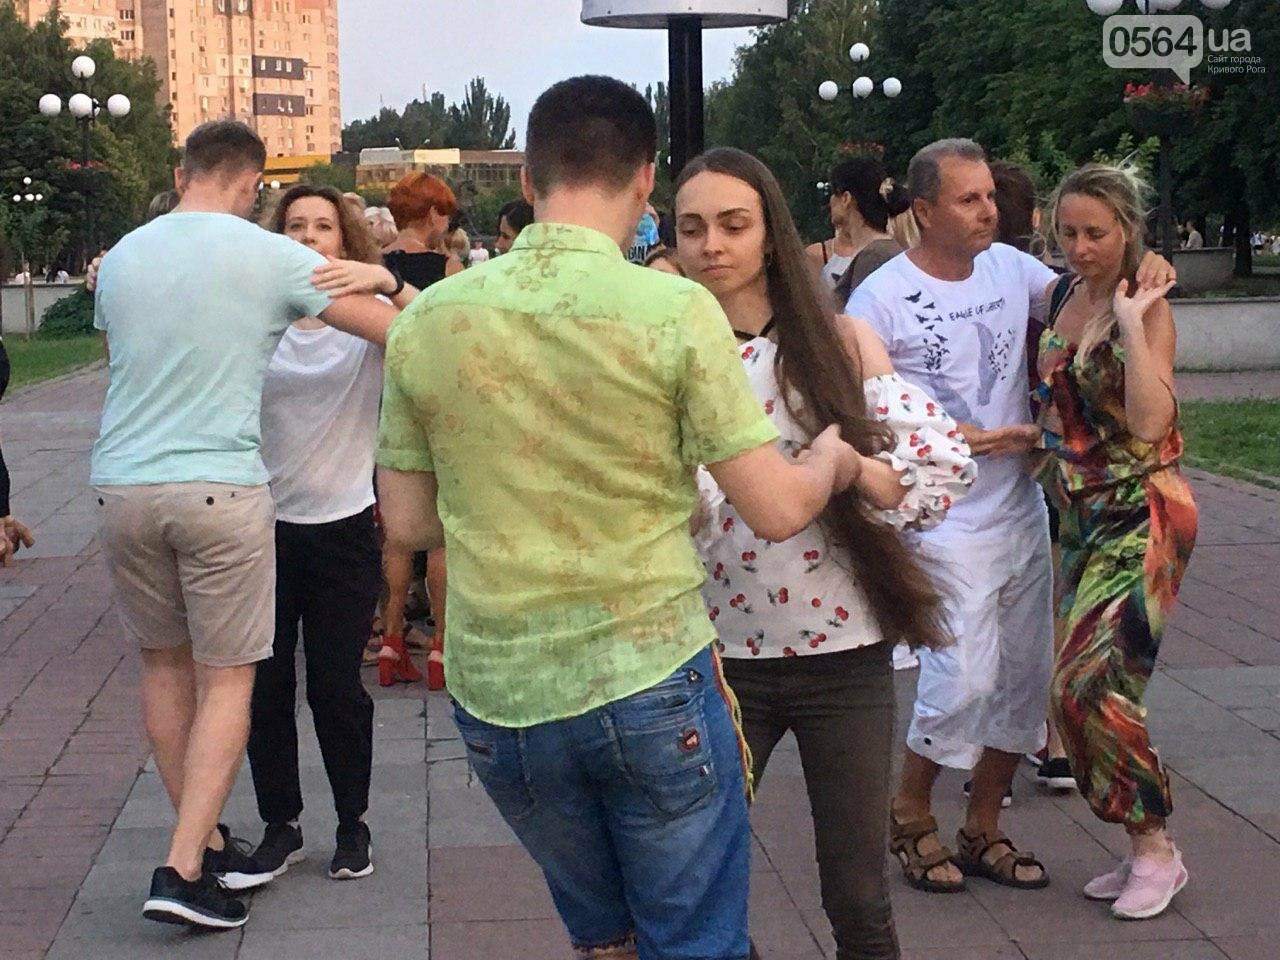 Сальса, бачата, кизомба: в центре города танцоры провели мастер-класс для криворожан, - ФОТО, ВИДЕО , фото-9